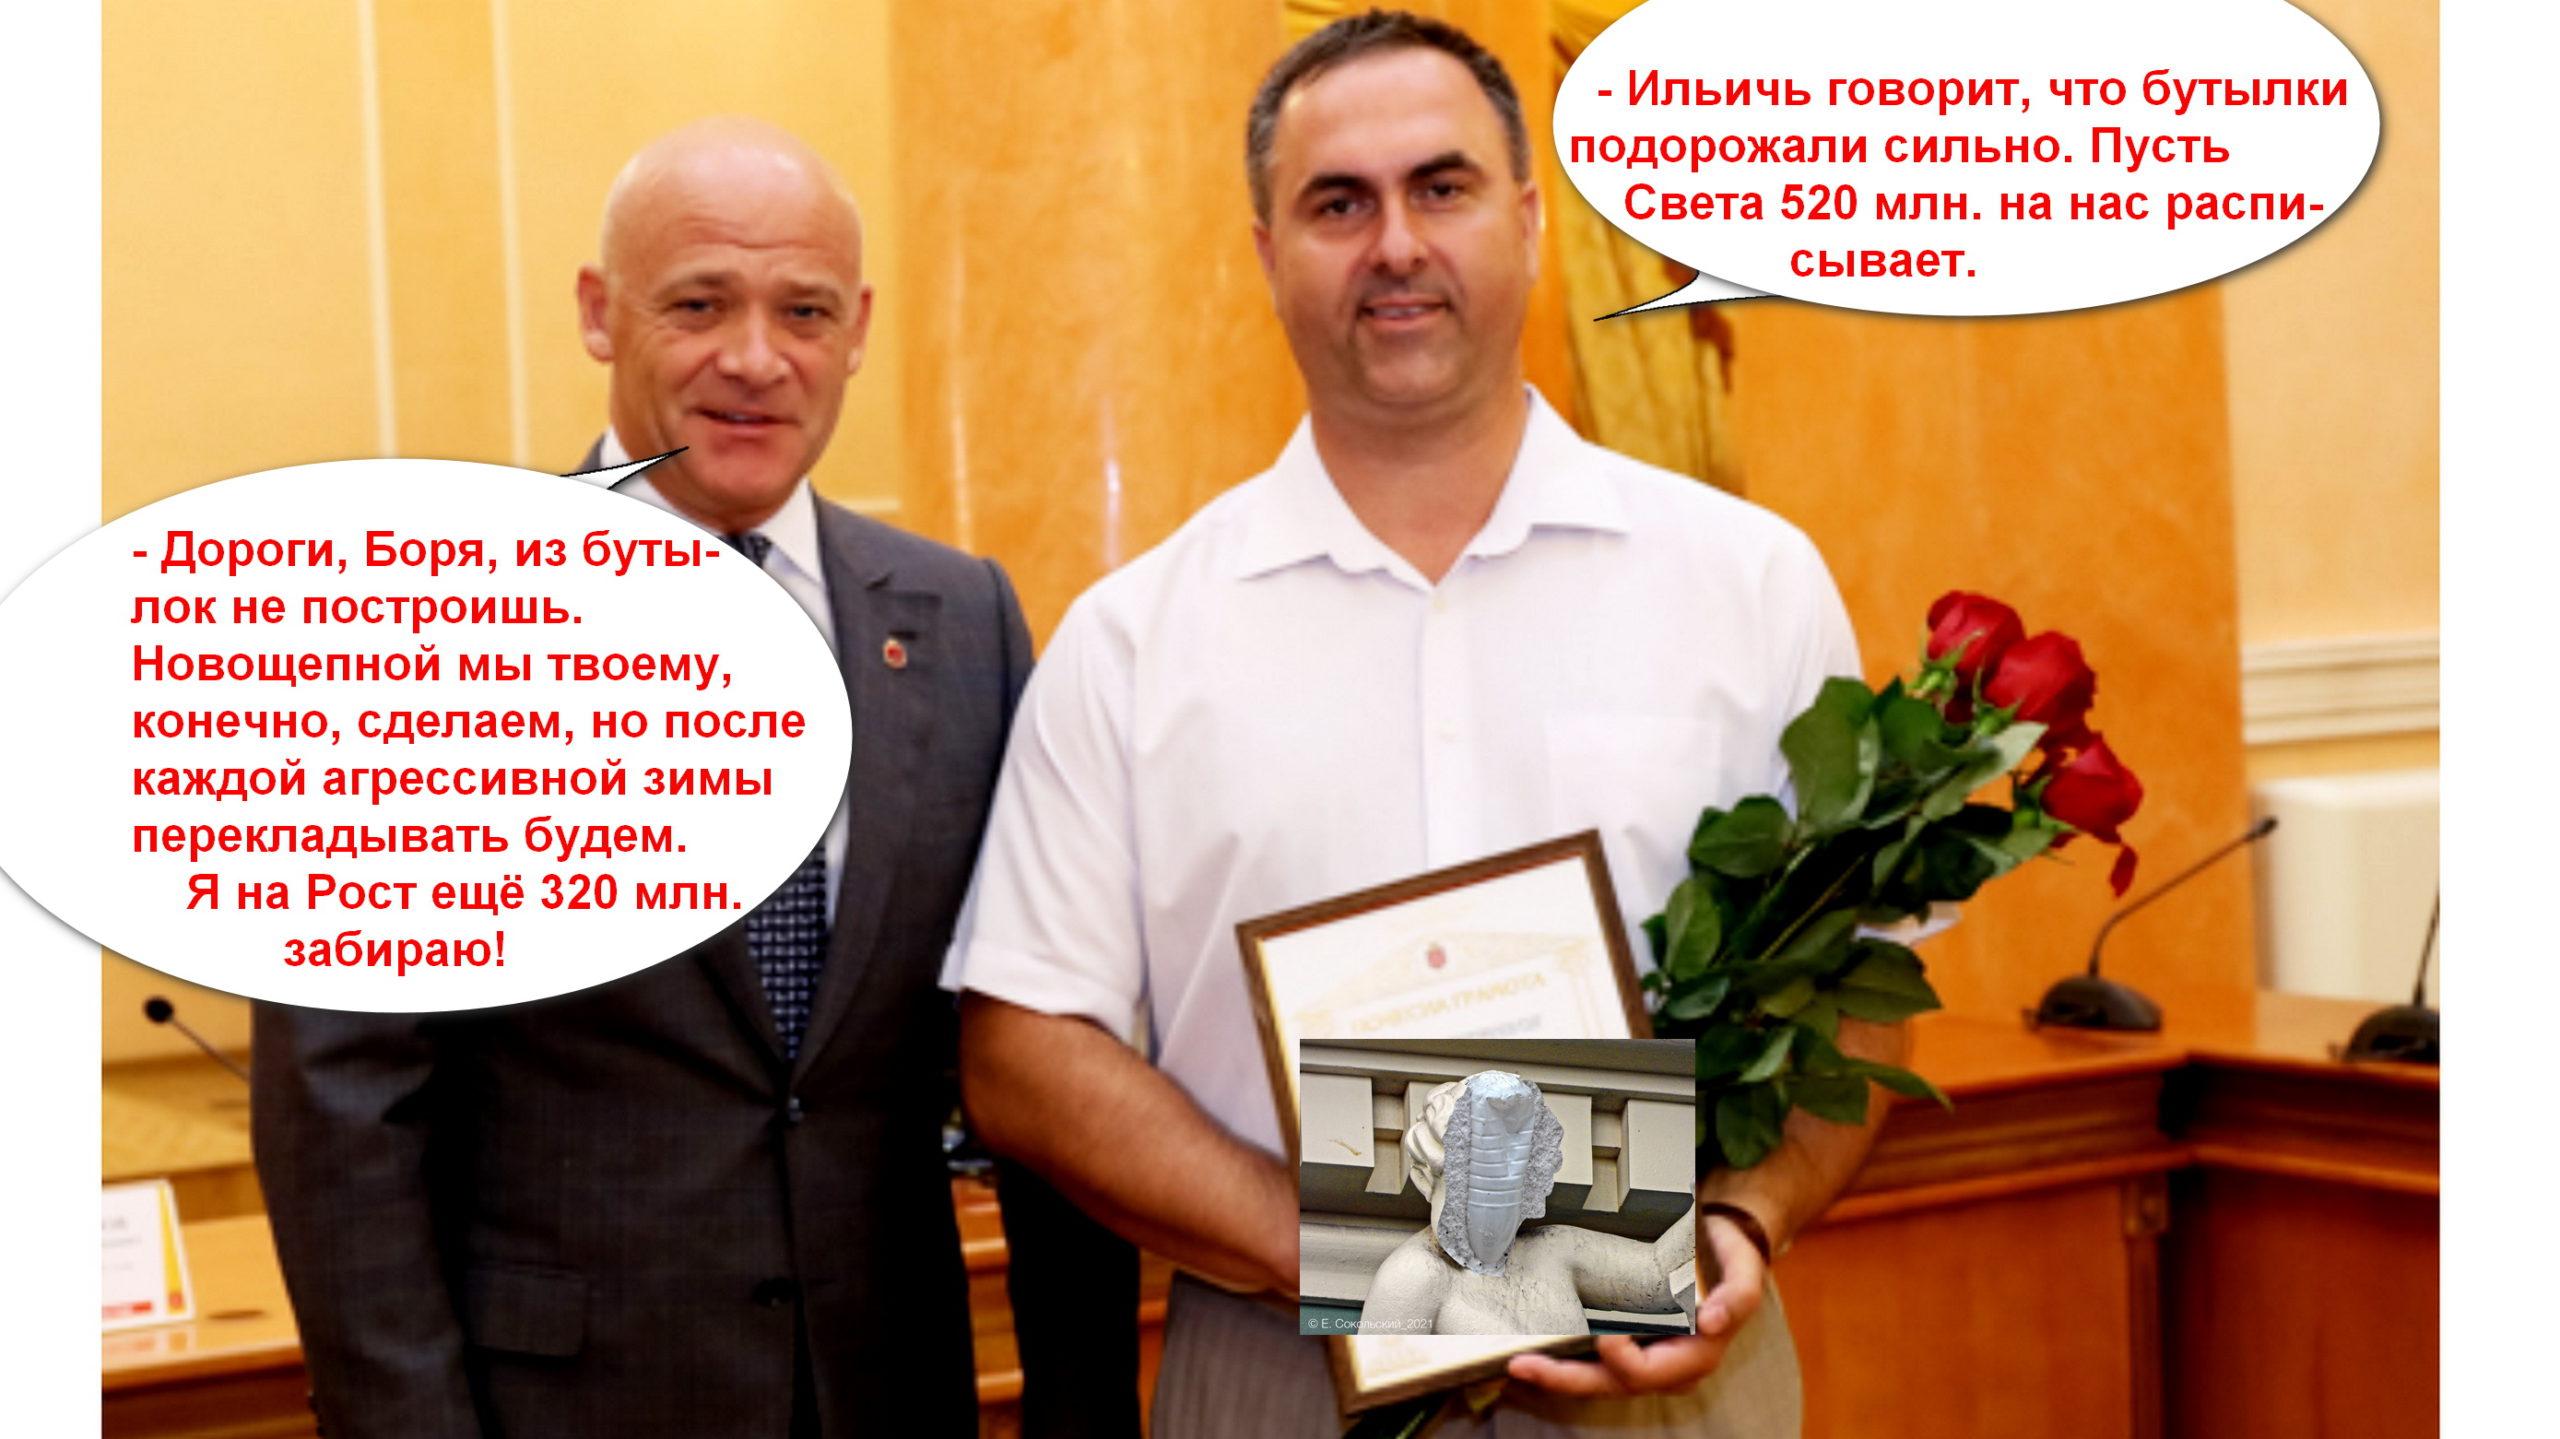 Труханов - дорожник